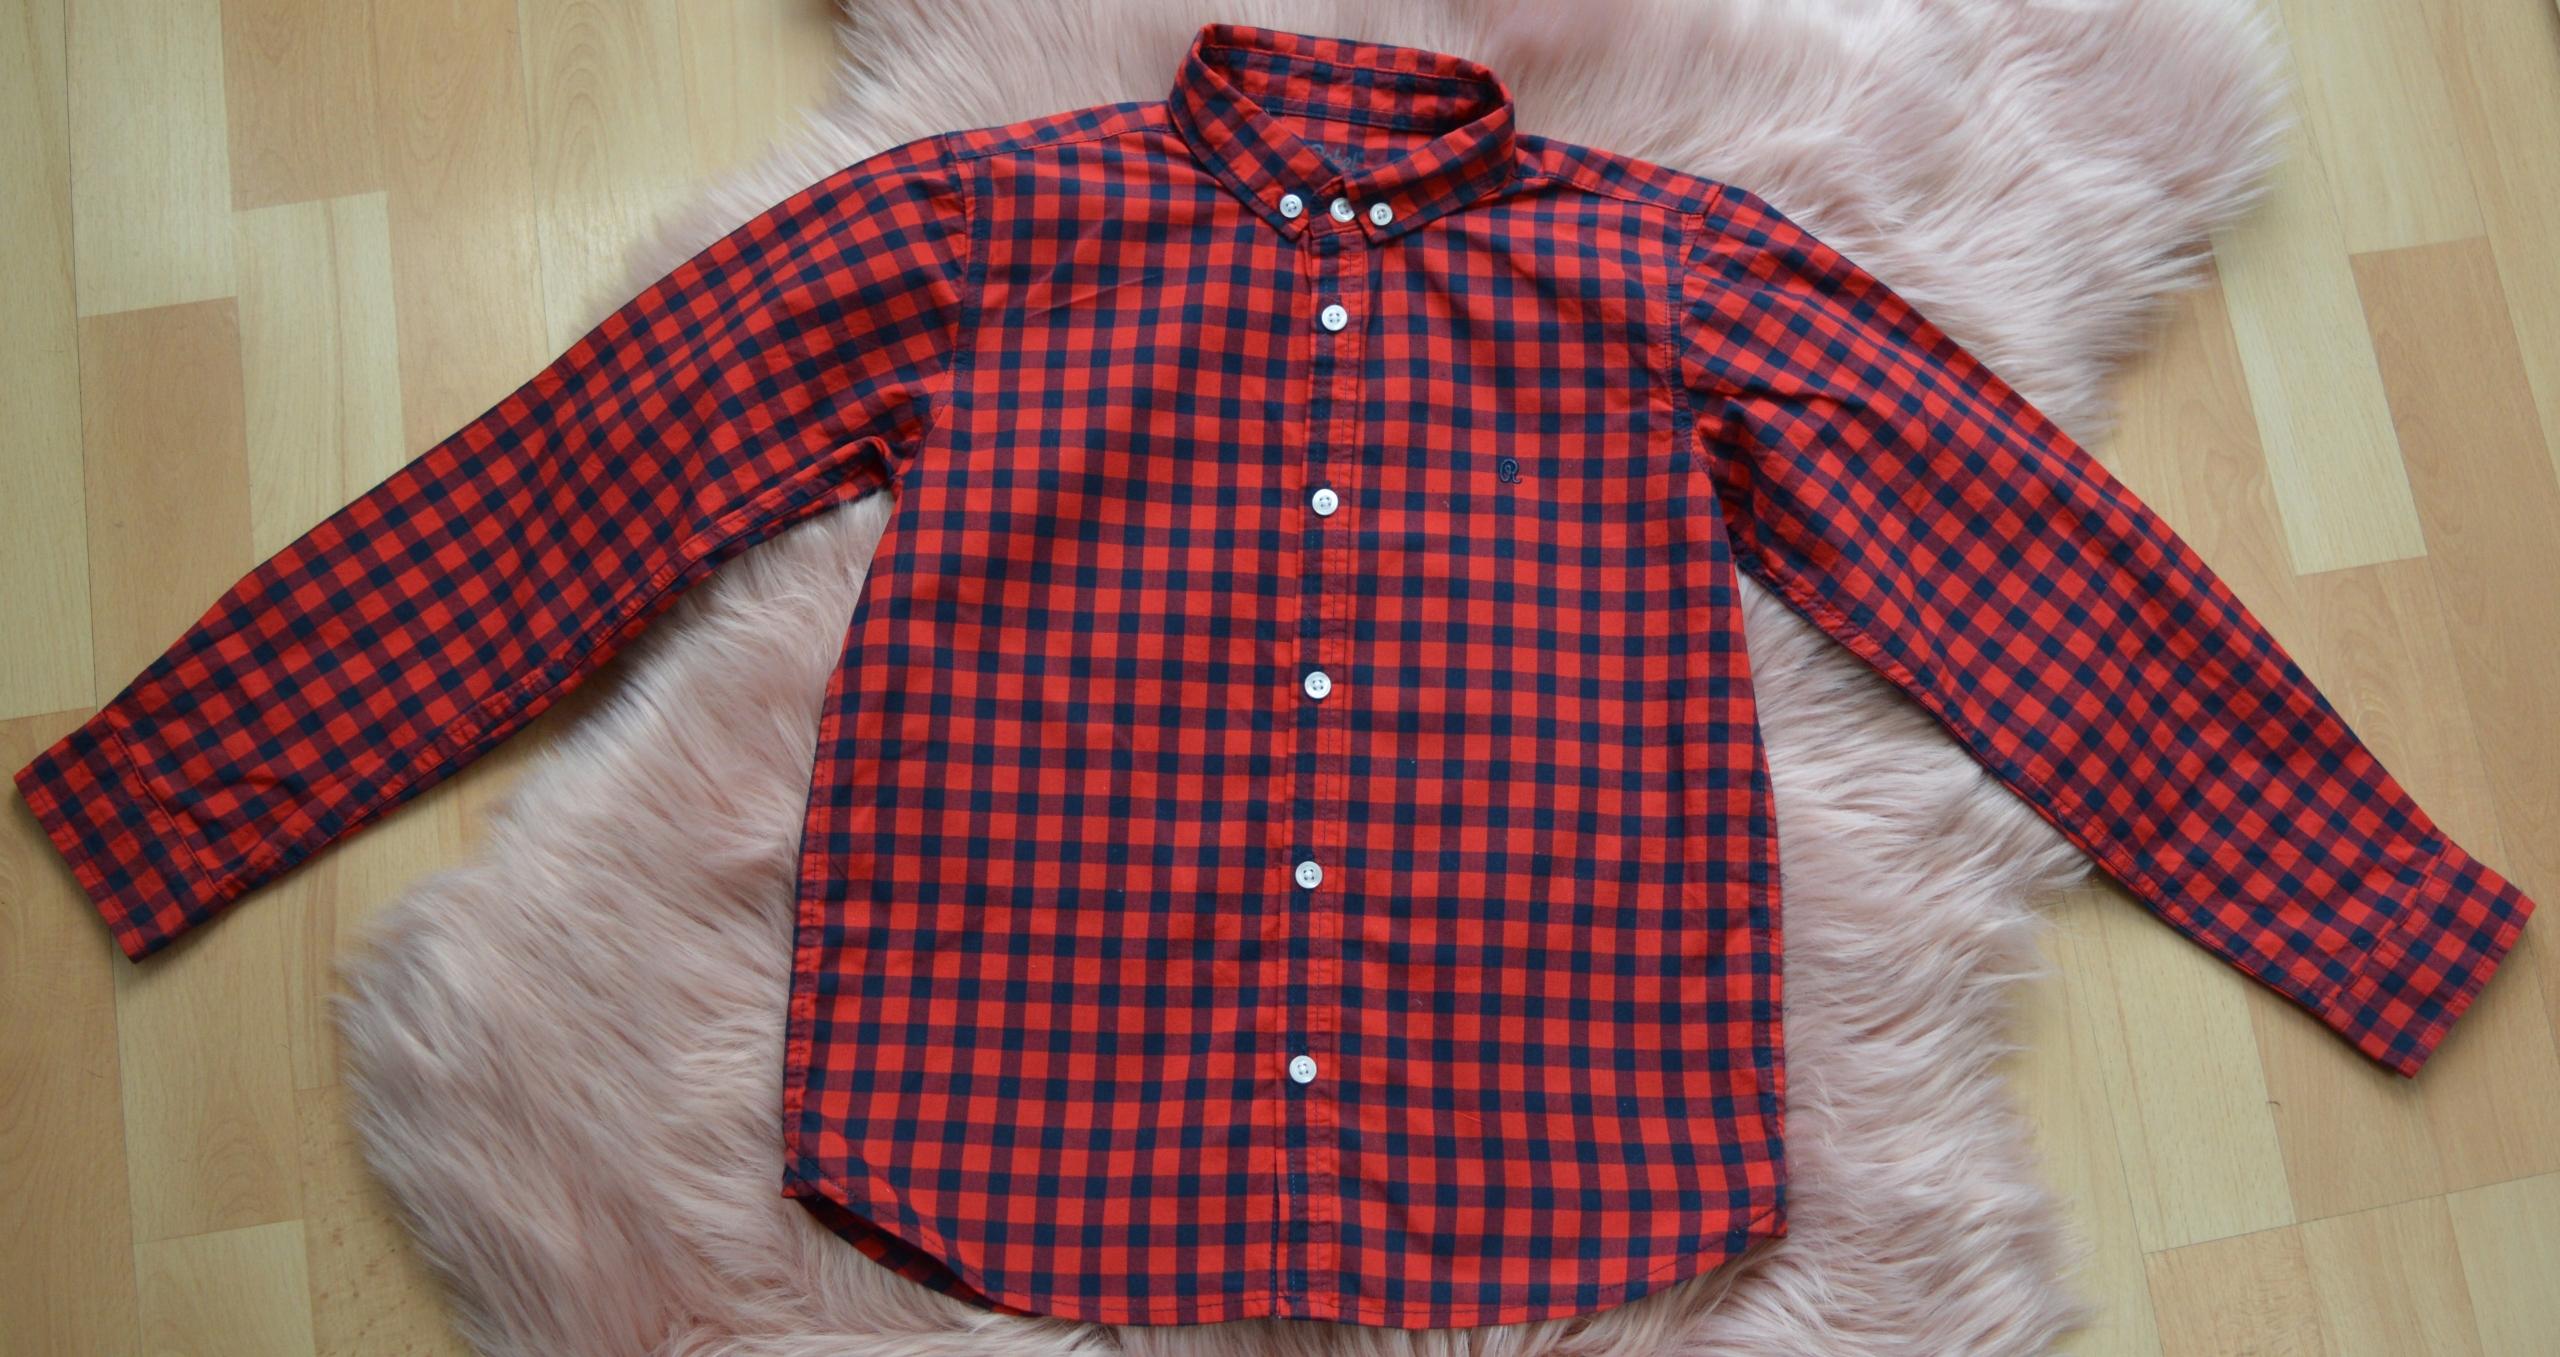 koszula czerwona kratka Rebel 7-8 lat 122-128cm